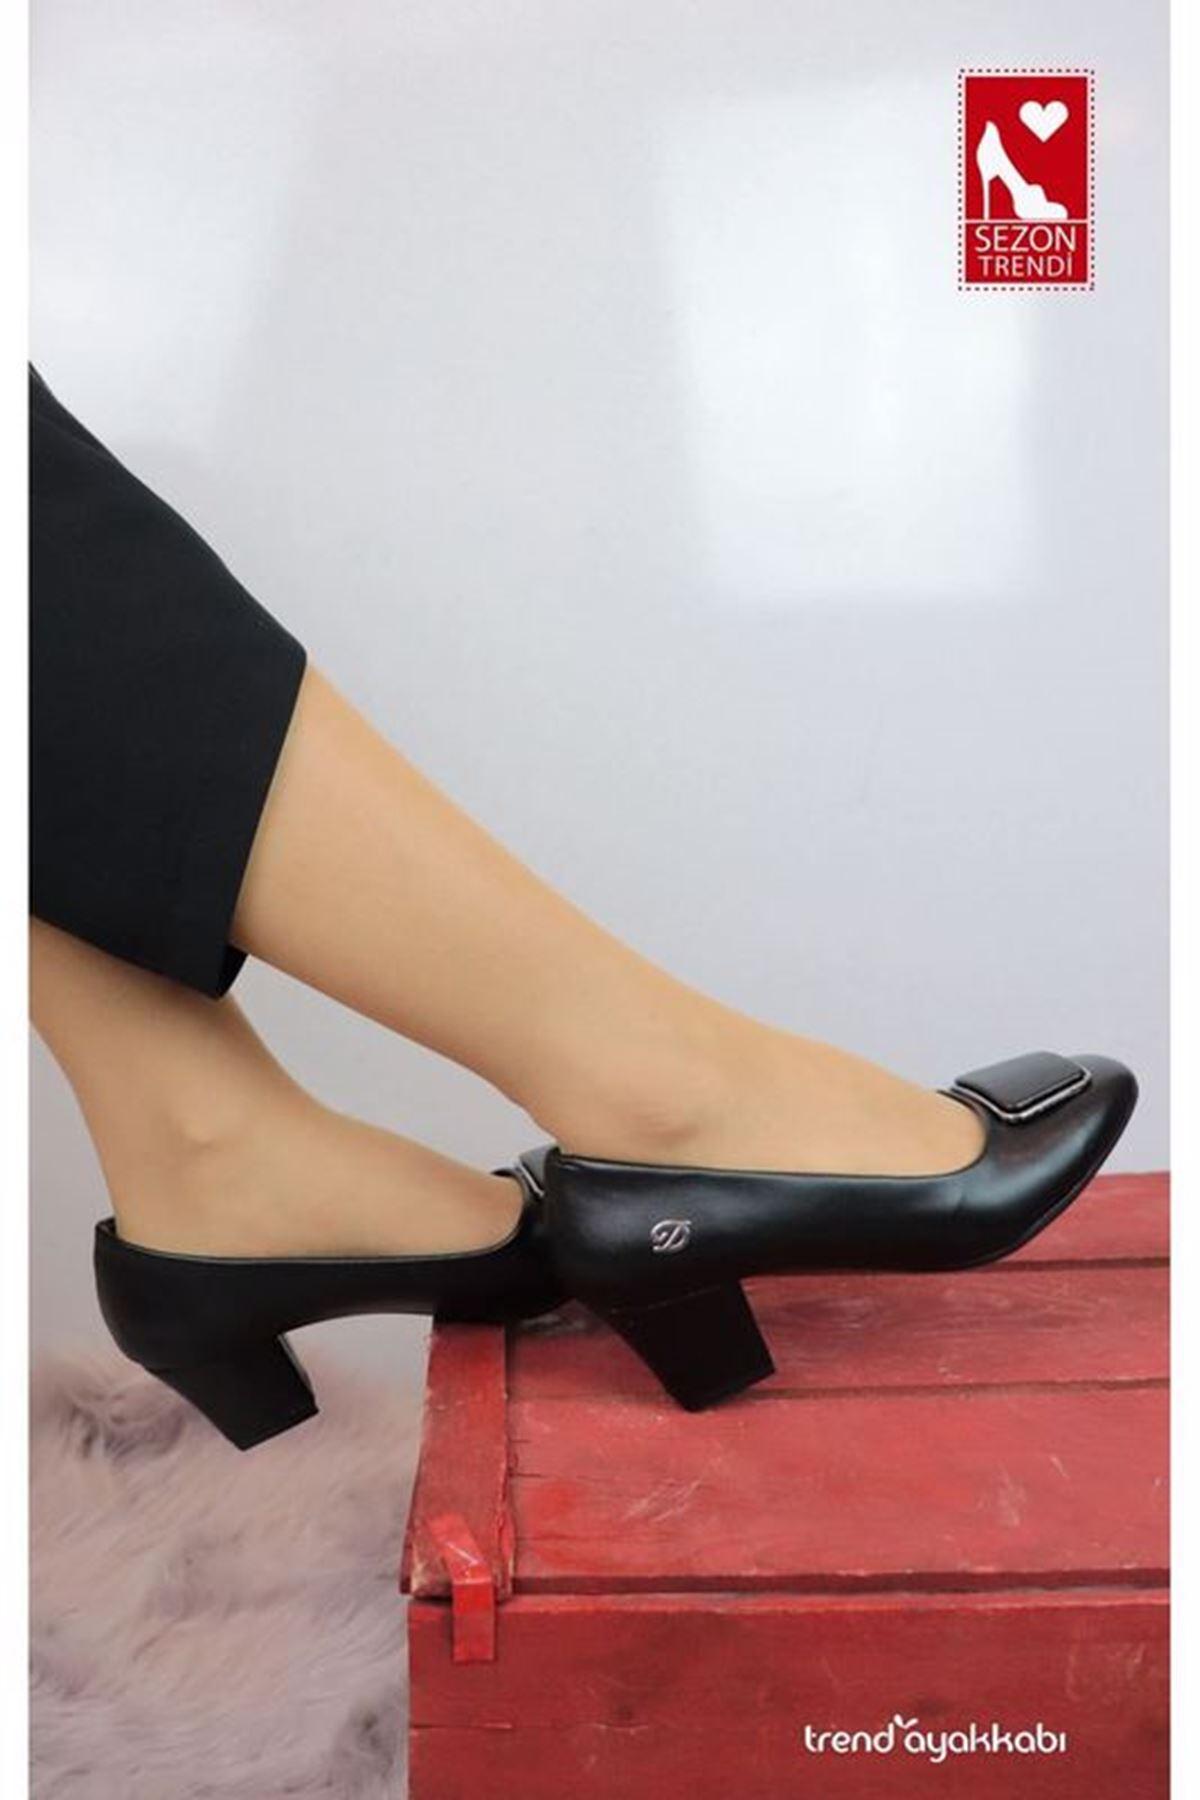 De Scario - Düz Siyah Tokalı Topuklu Kadın Ayakkabısı